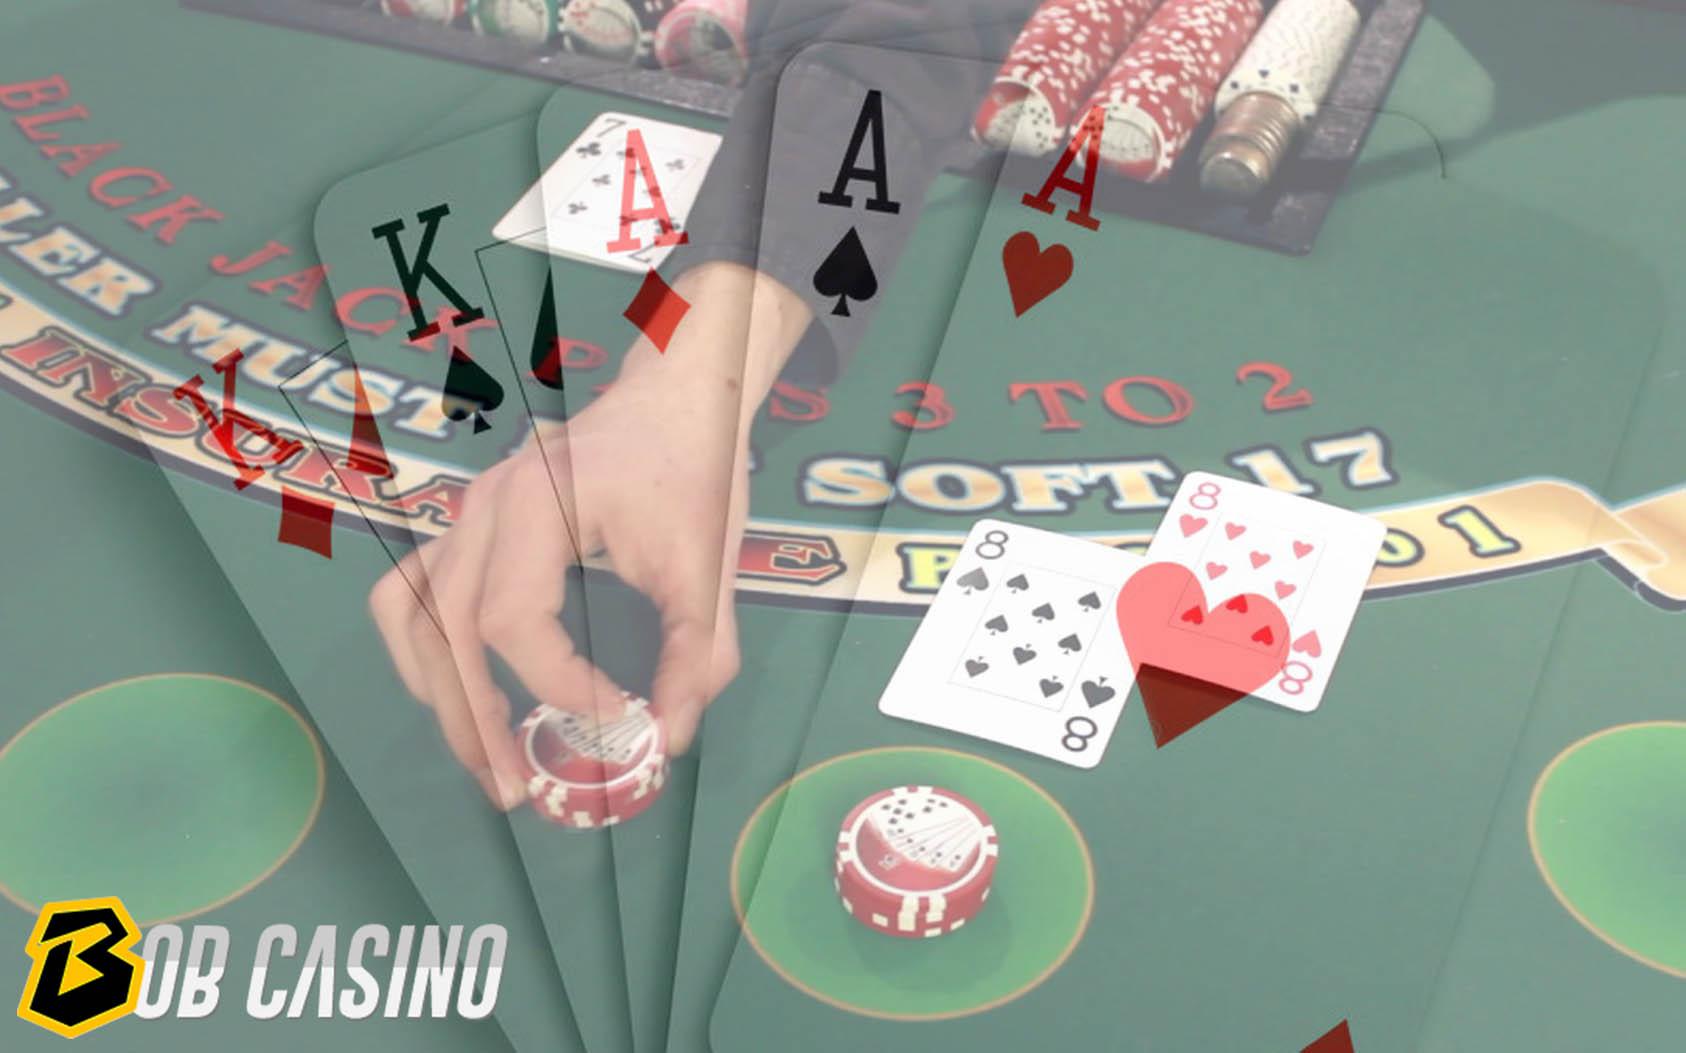 Full house hand in poker gaming